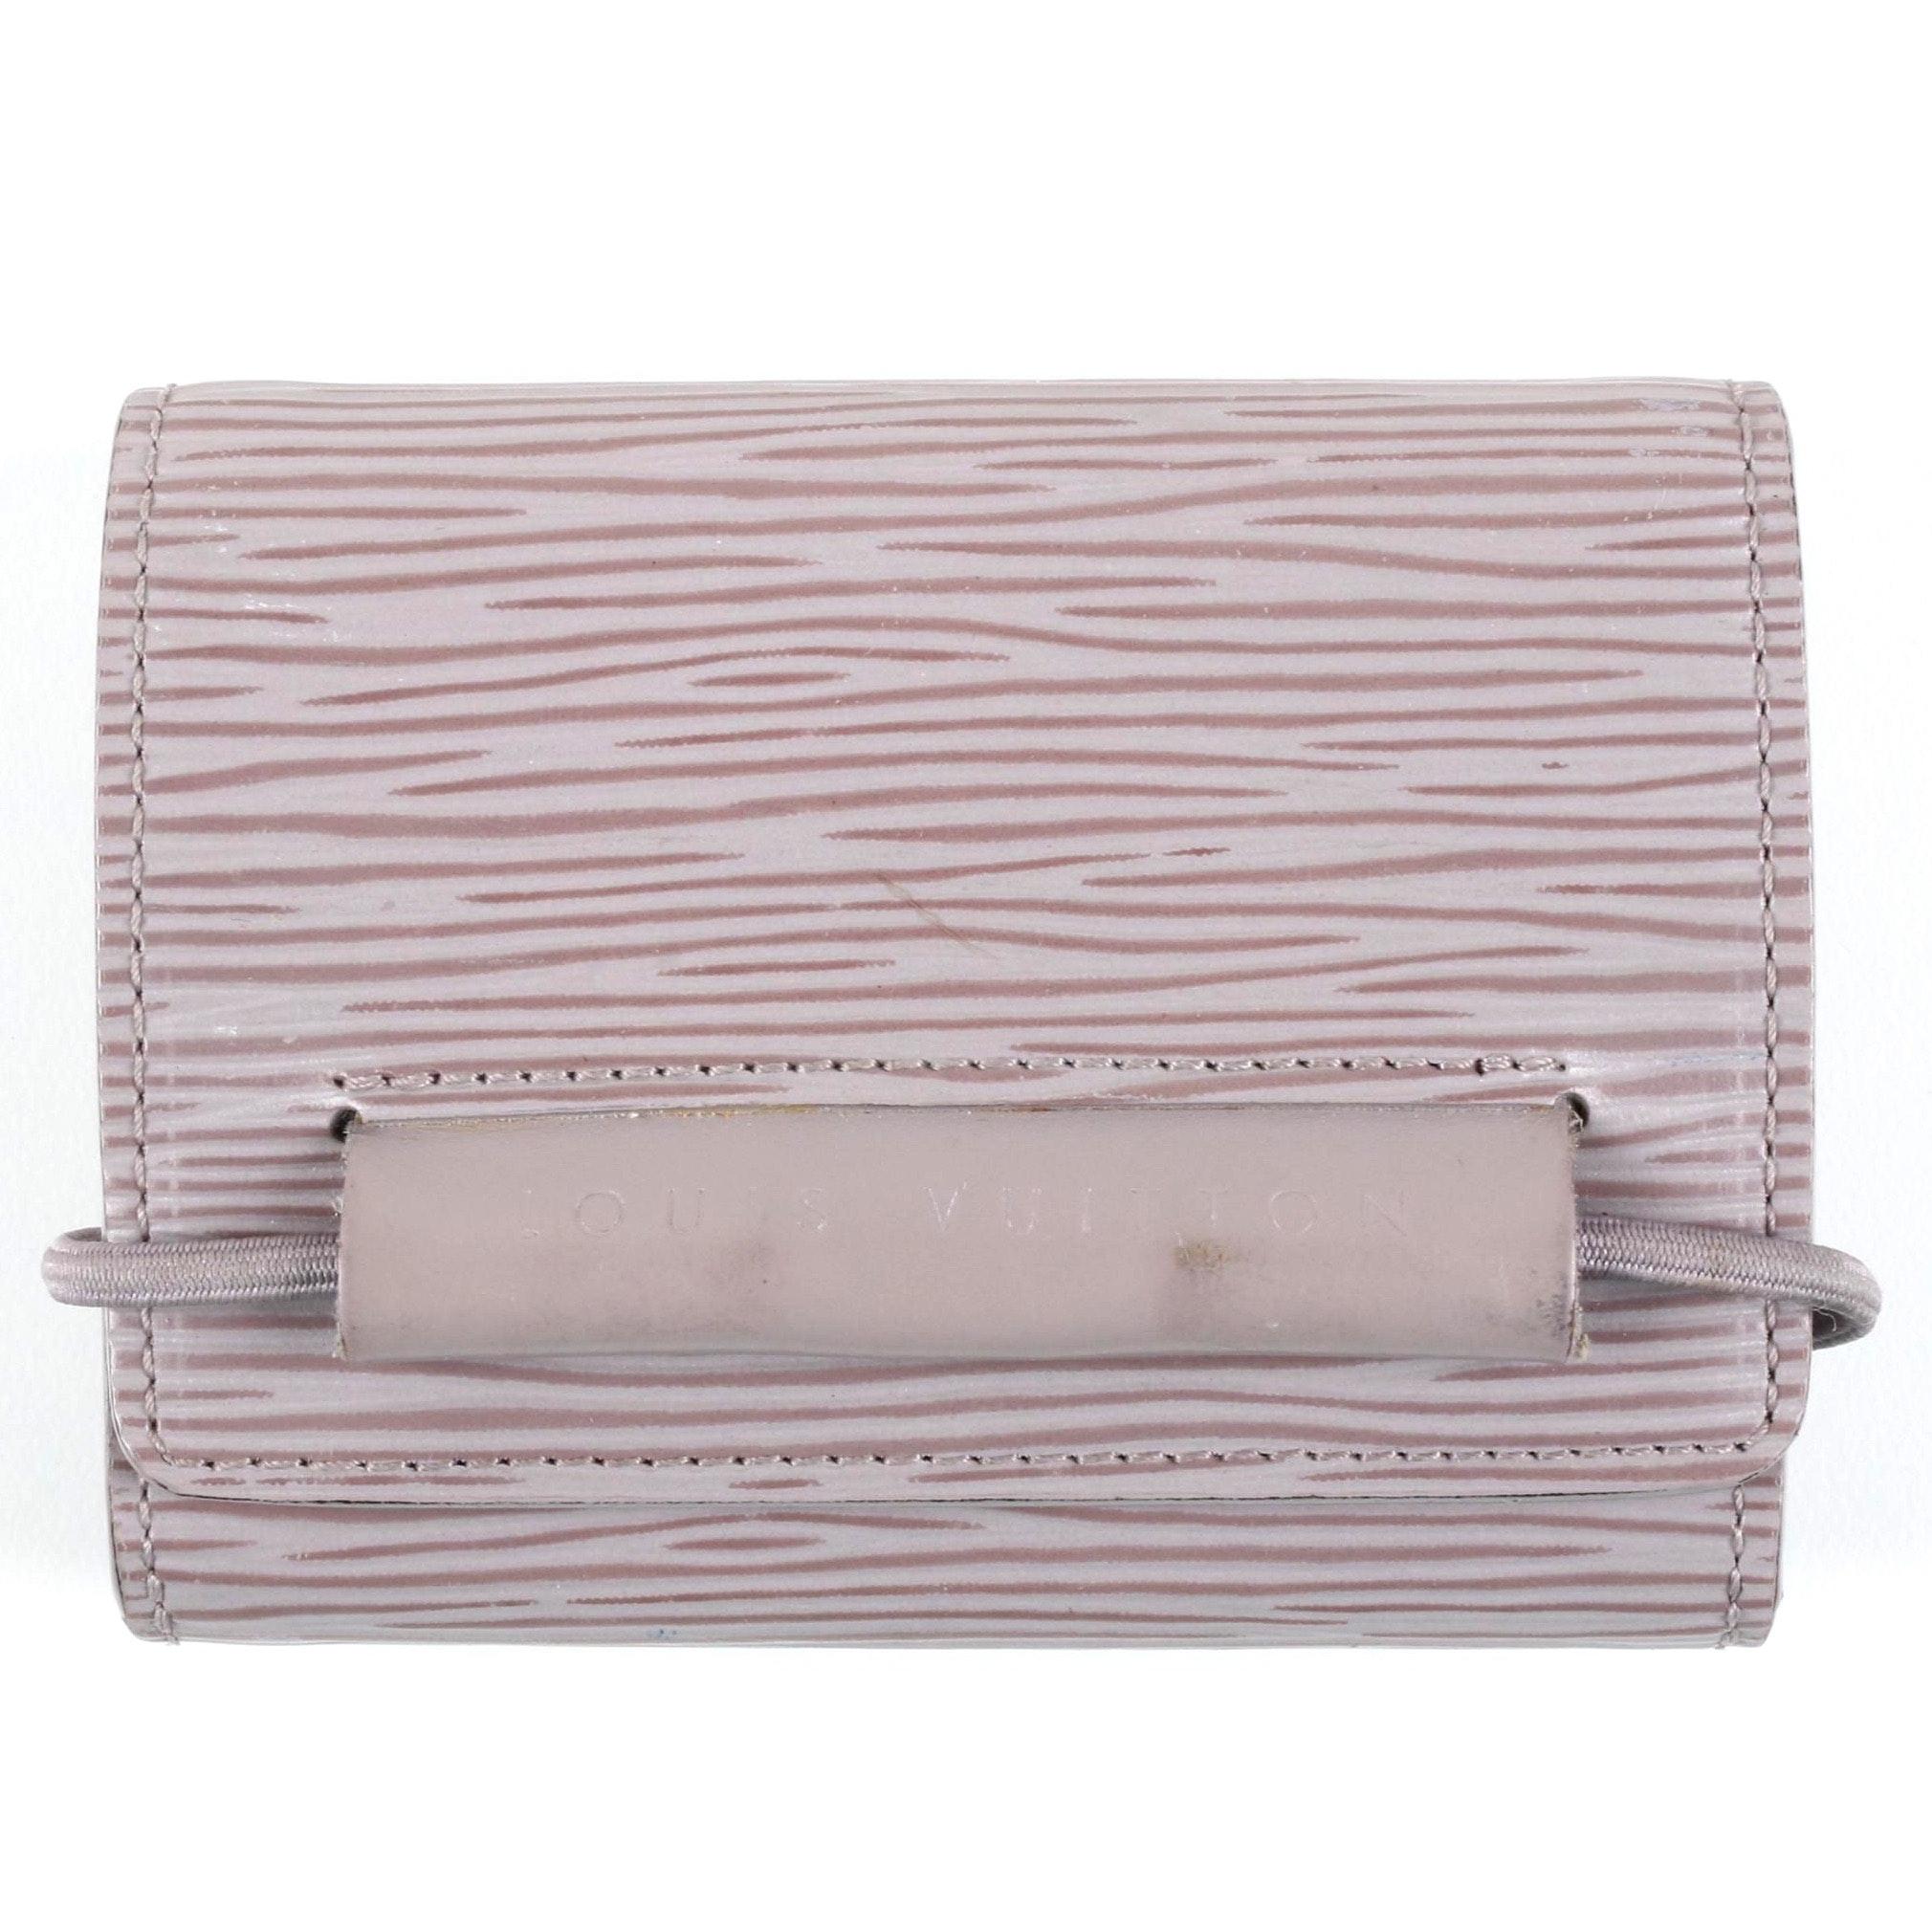 Louis Vuitton Epi Porte Monnaie Elastique Wallet